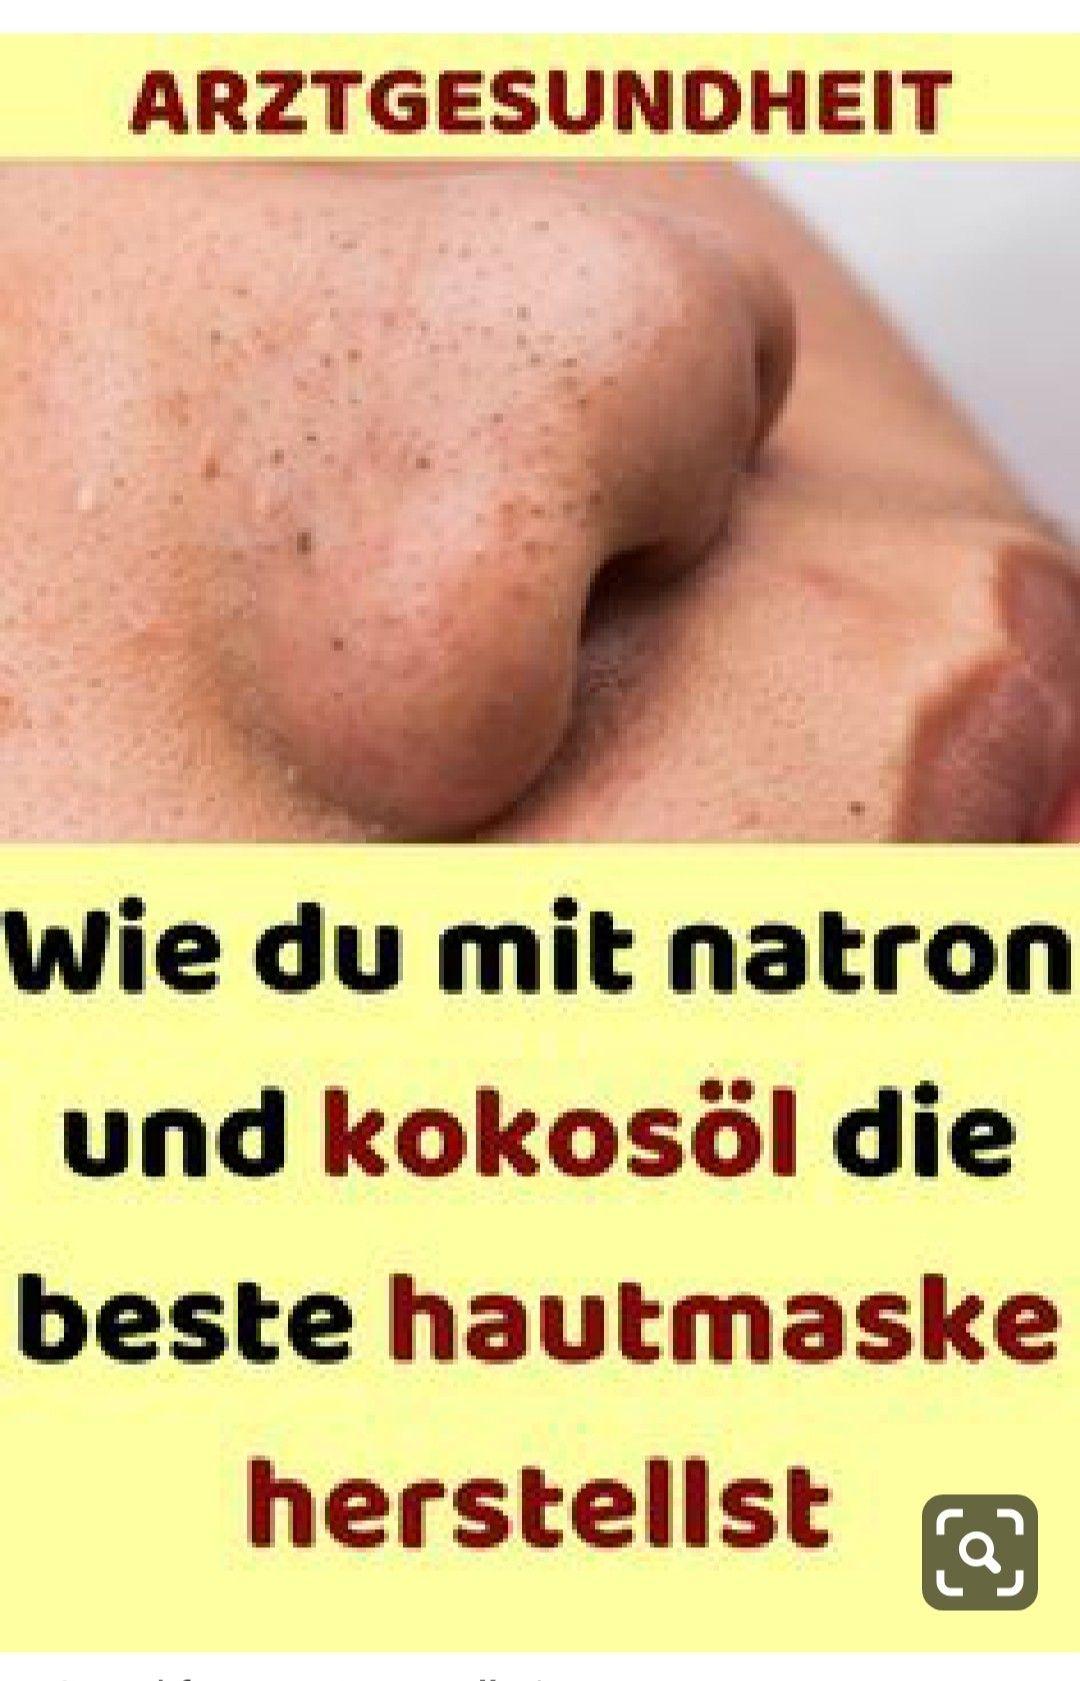 Wie du mit natron und kokosöl die beste hautmaske herstellst#vegan#nutrition#healthcare#medico#...